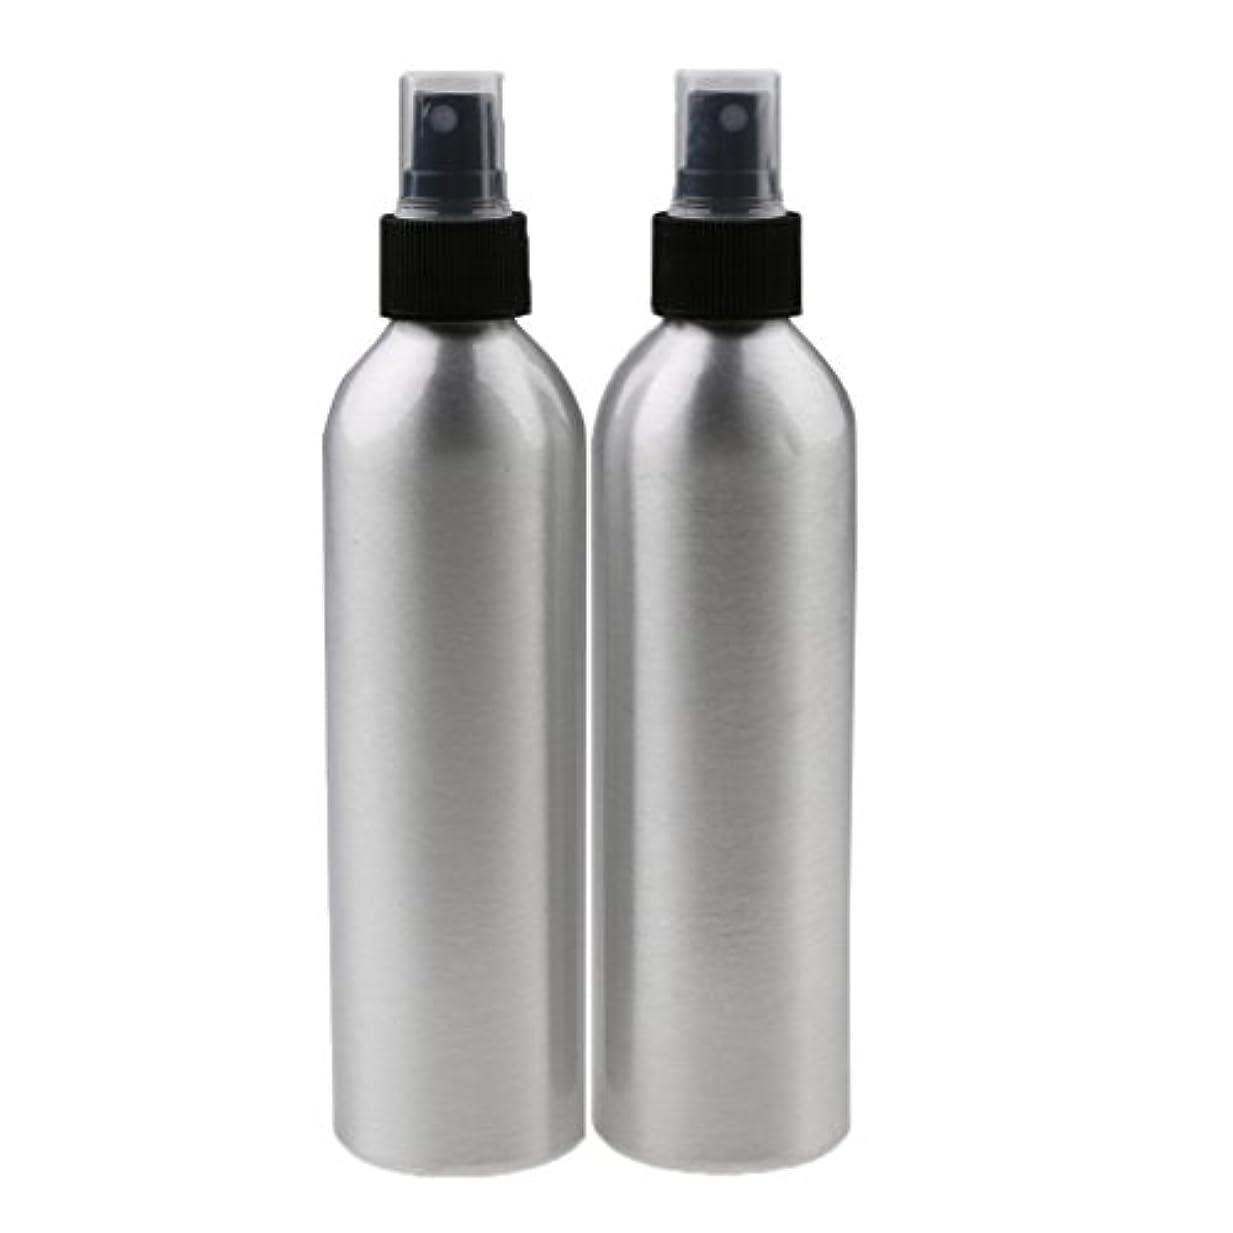 ジャンク共同選択怠感Lovoski 2個入り 旅行 アルミ ミスト スプレー 香水ボトル メイクアップ スプレー アトマイザー 香水瓶 携帯用 軽量 便利  全4サイズ - 100ml